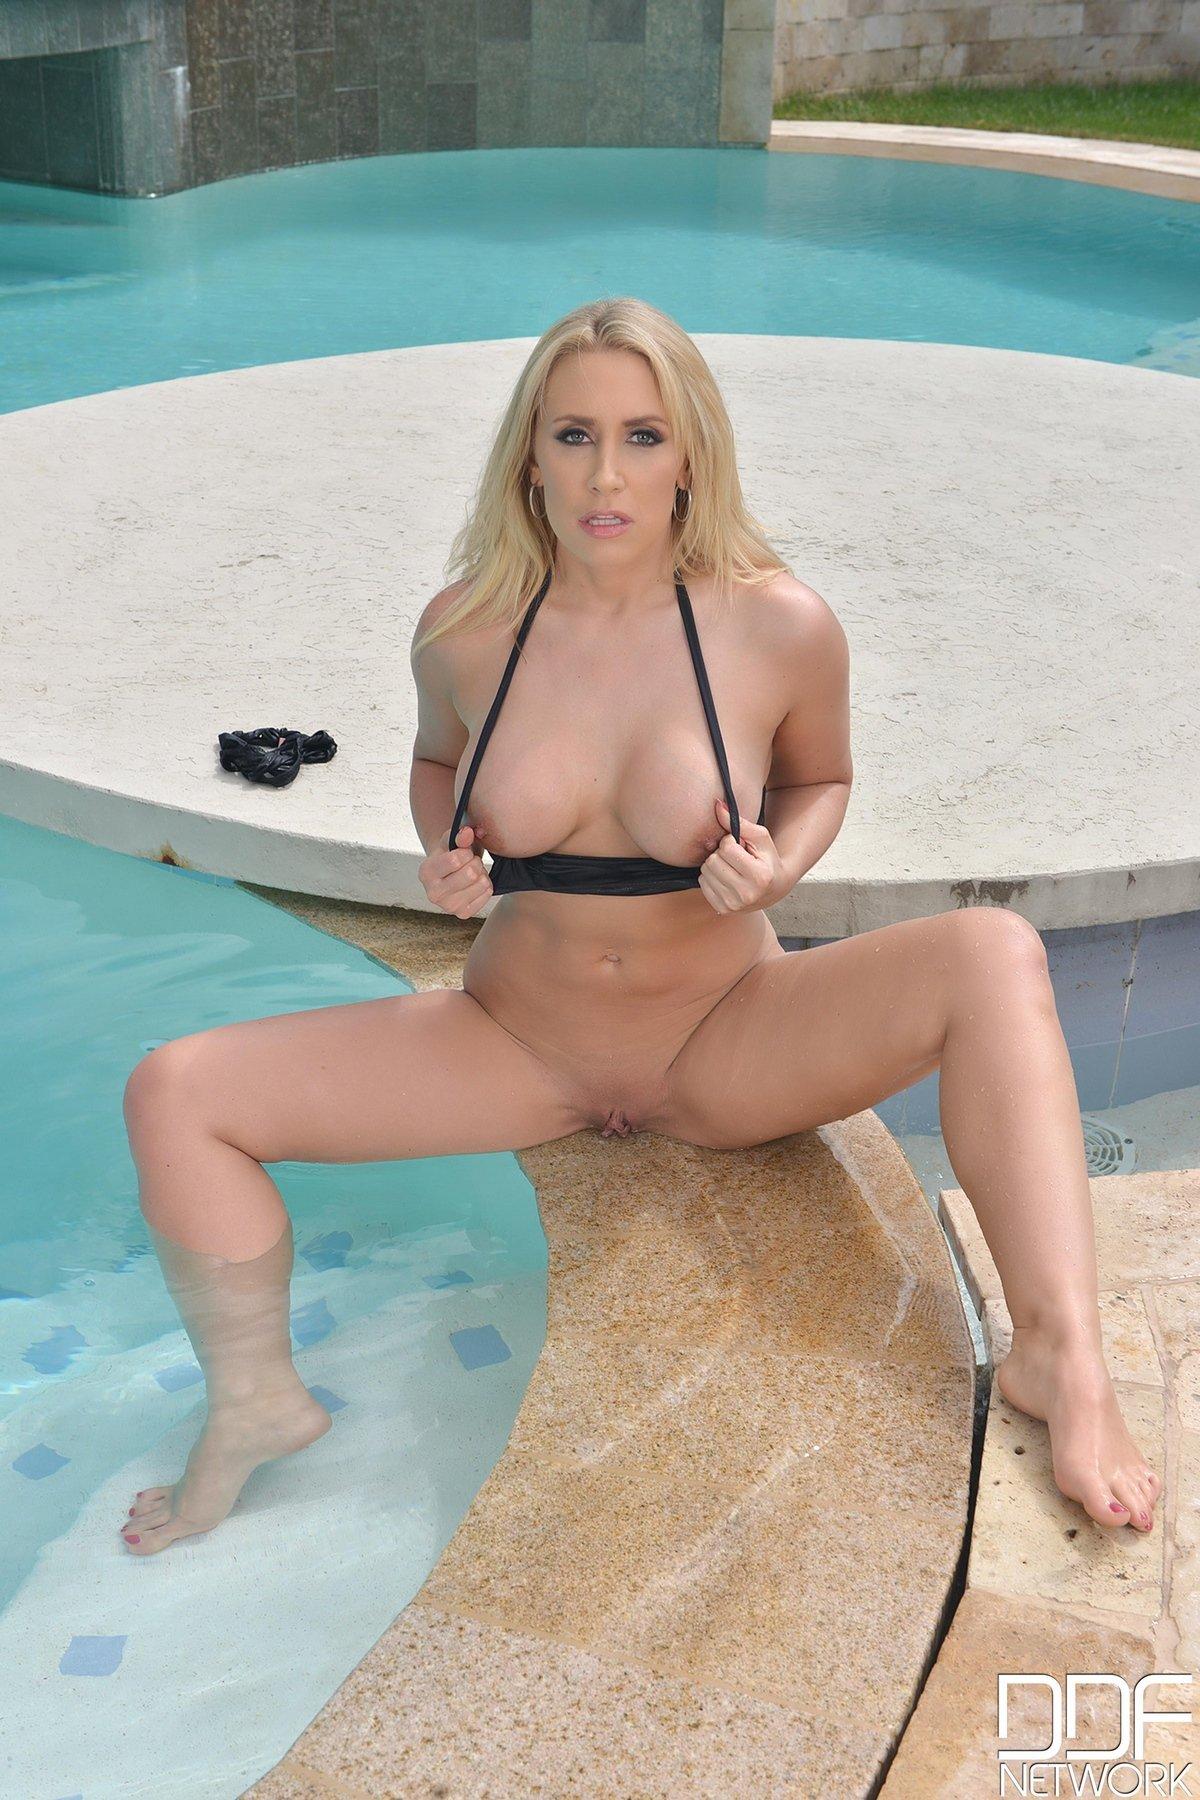 Порно красивая фигура грудь и ножки в бассейне